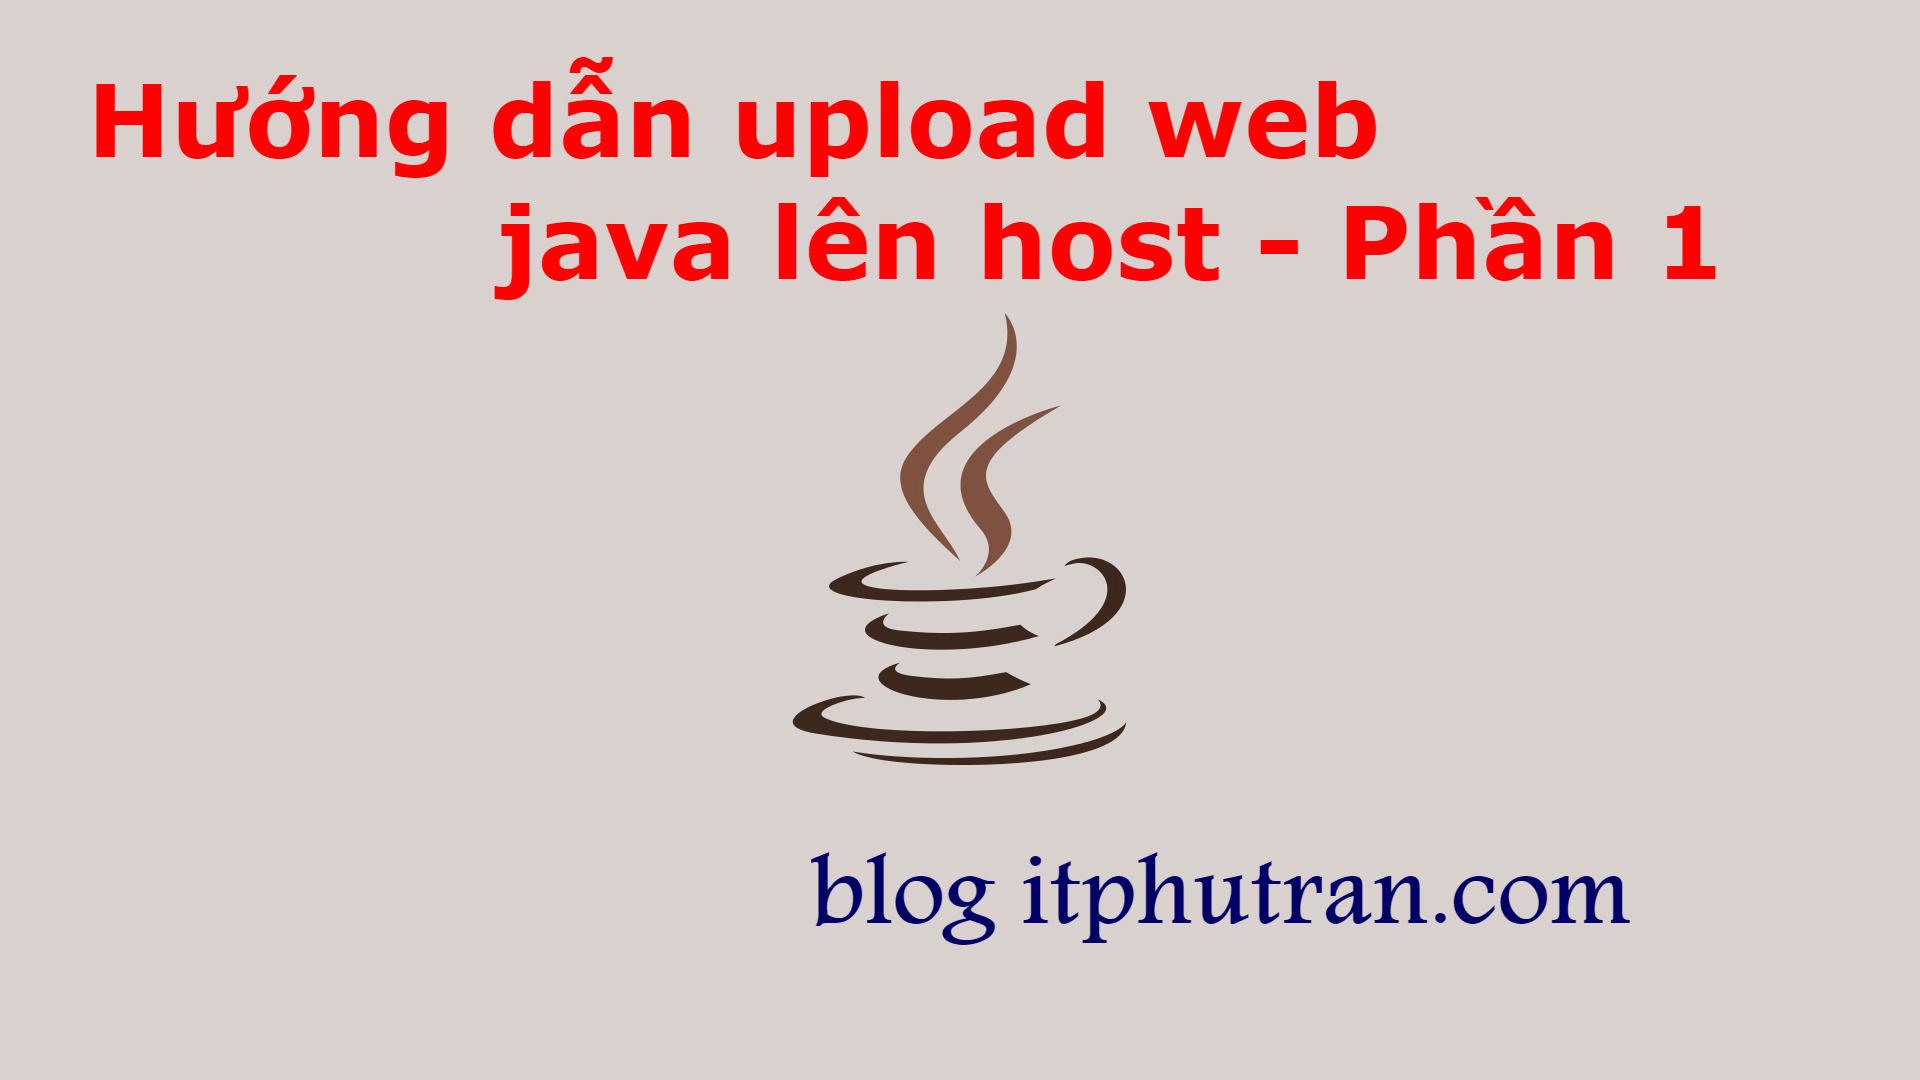 Hướng dẫn upload web java jsp servlet lên host – Phần 1